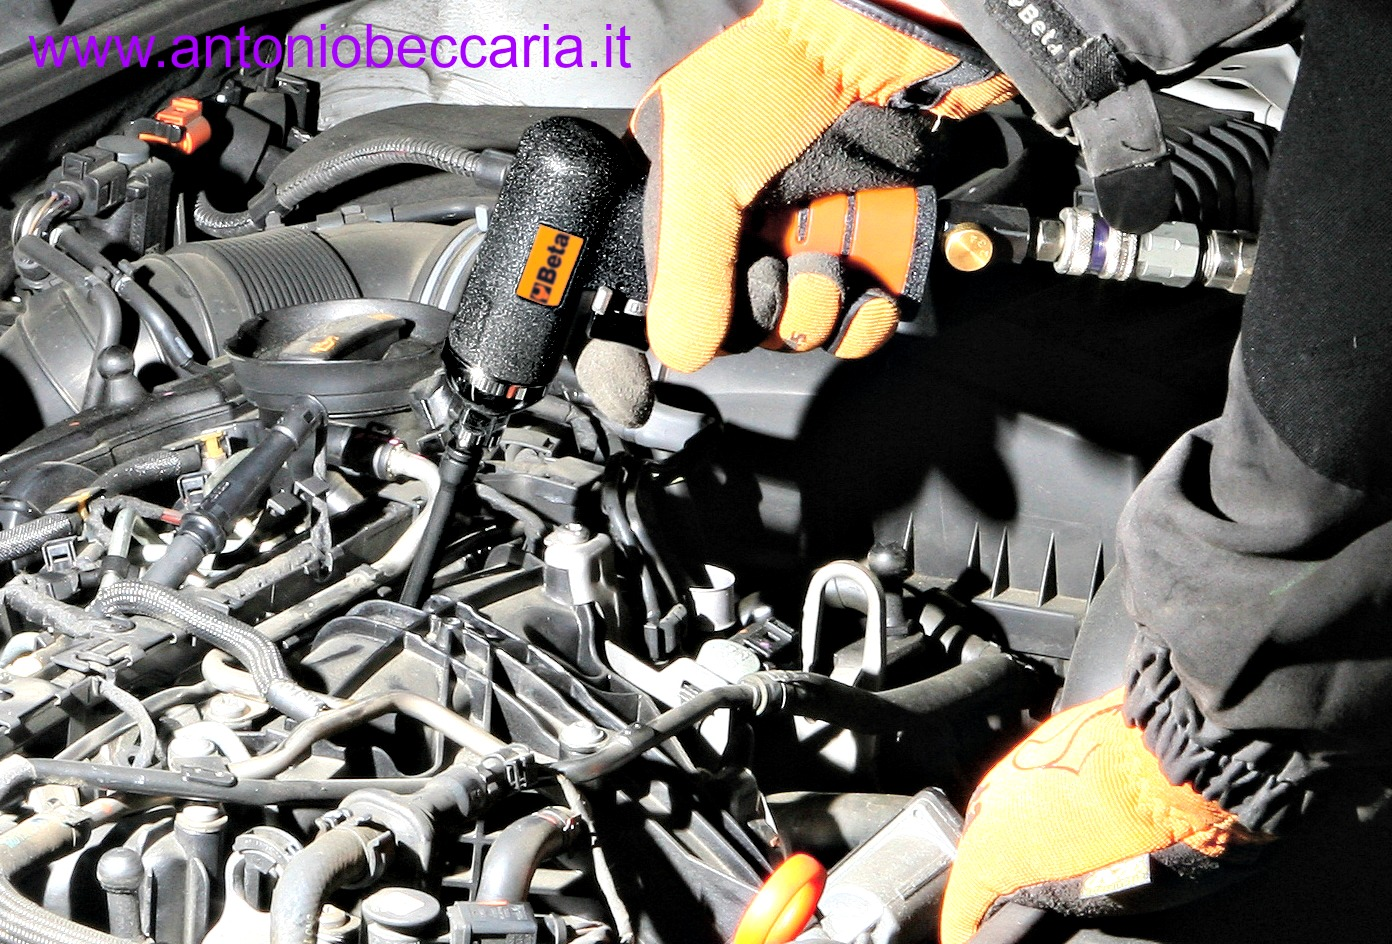 009600780 960KPC Estrattore reversibile ad impulsi con coppia regolabile per candelette di preriscaldamento 1-4-immagine 1